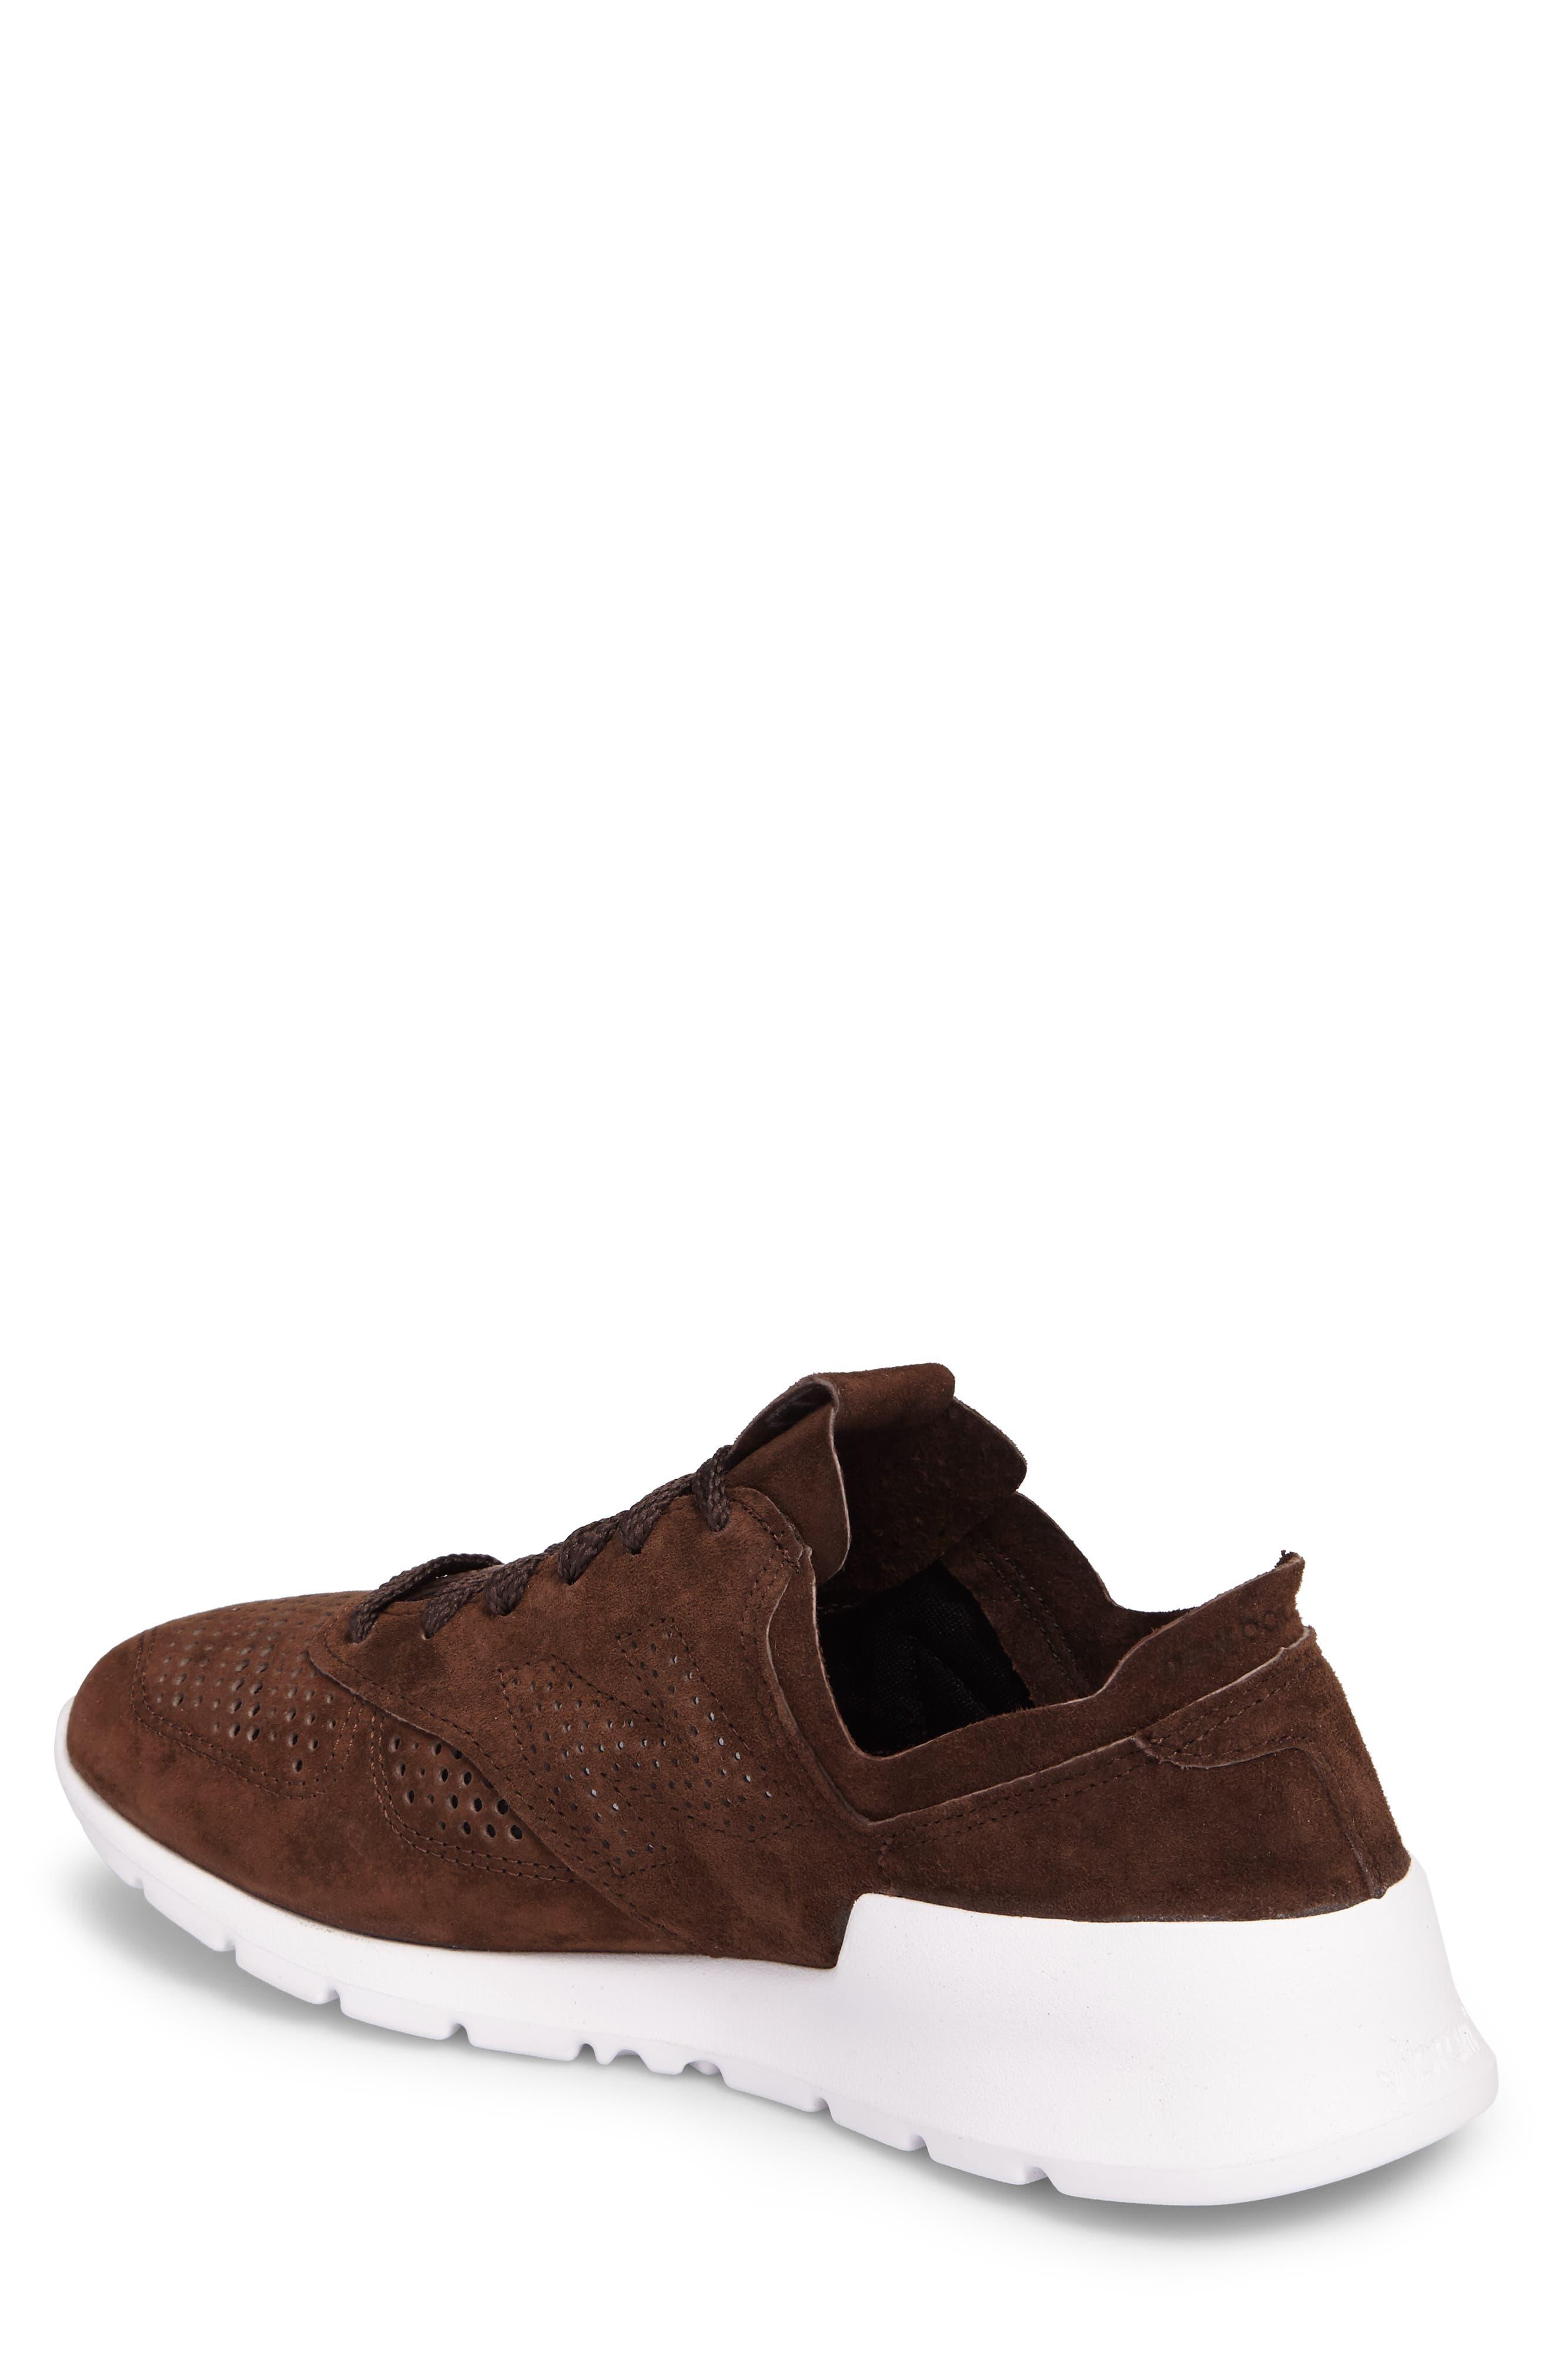 Alternate Image 2  - New Balance 1978 Sneaker (Men)